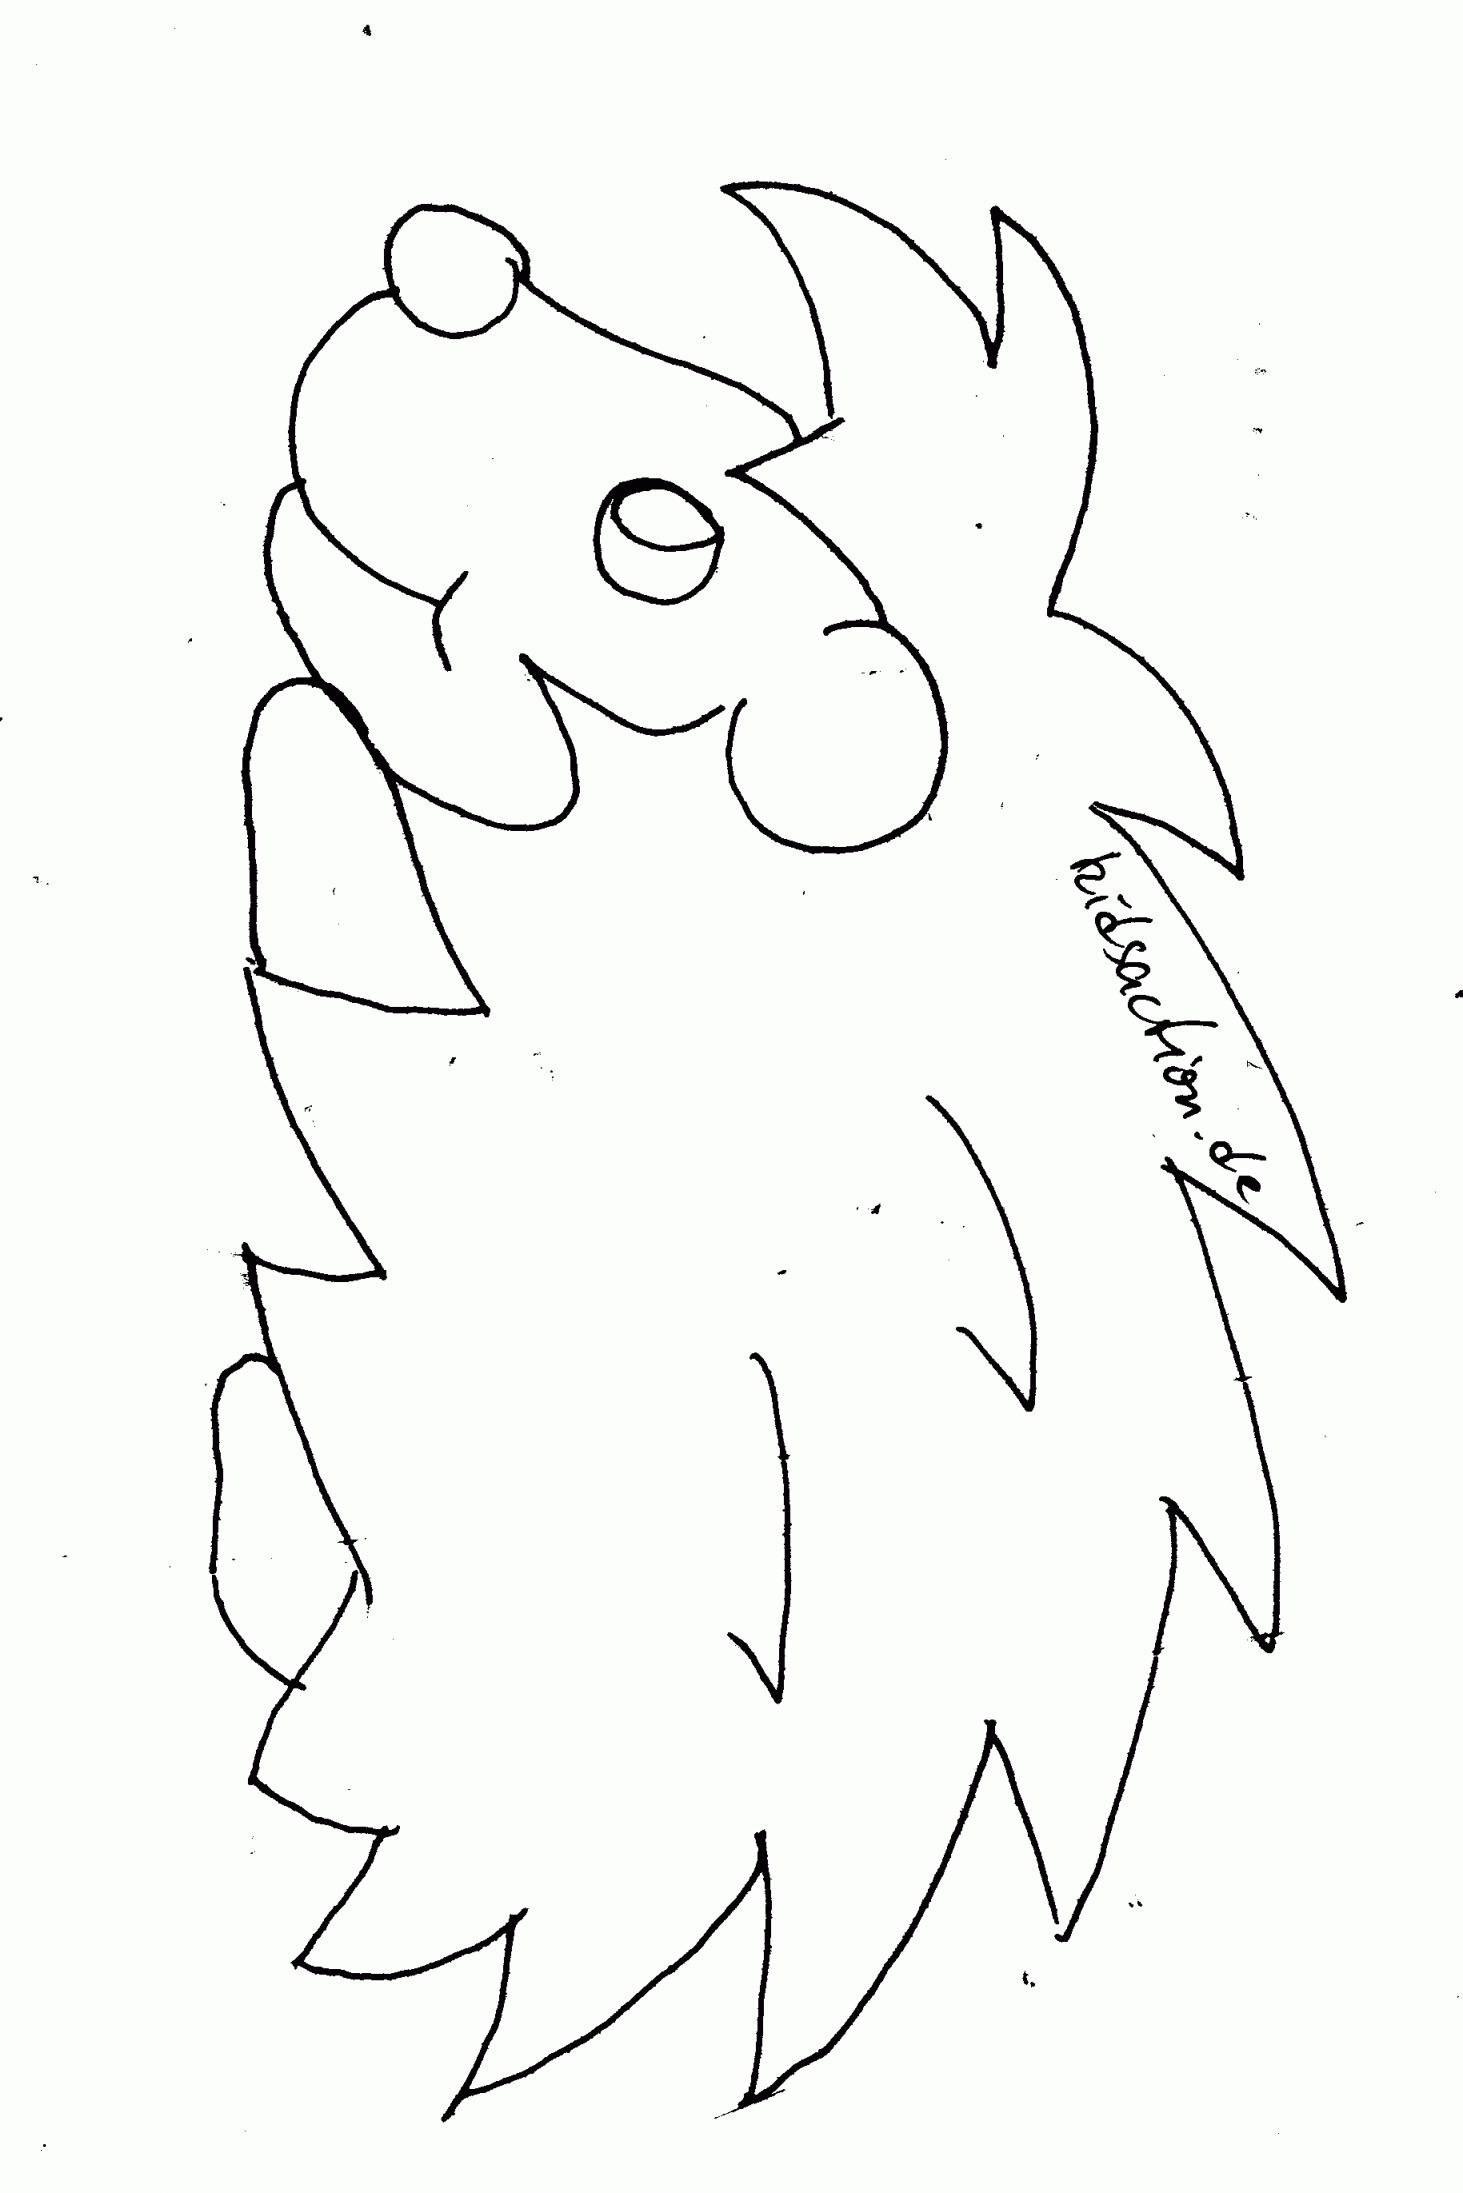 Soy Luna Ausmalbilder Das Beste Von 48 Skizze My Little Pony Ausmalbilder Luna Treehouse Nyc Das Bild